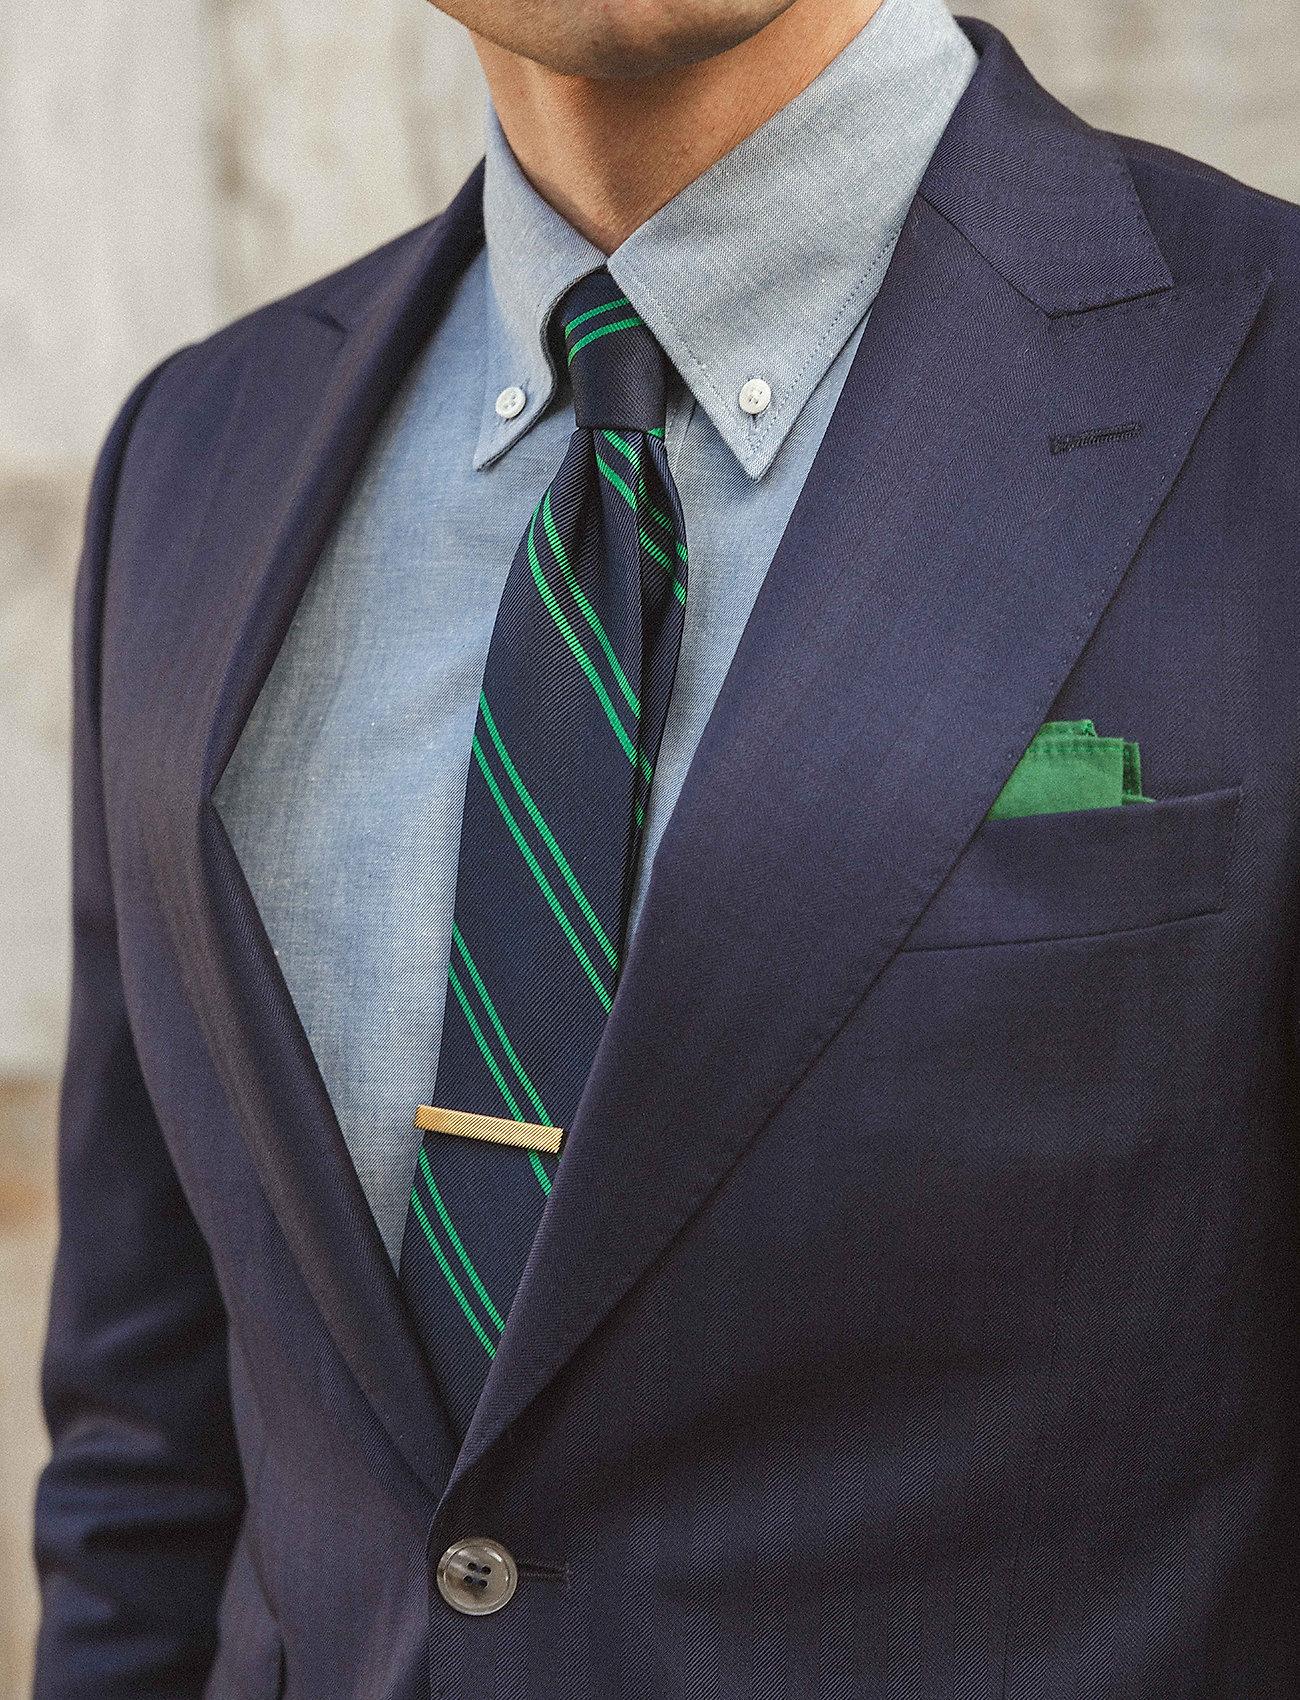 An Ivy - Navy/Green School Tie - cravates - navy/green - 0